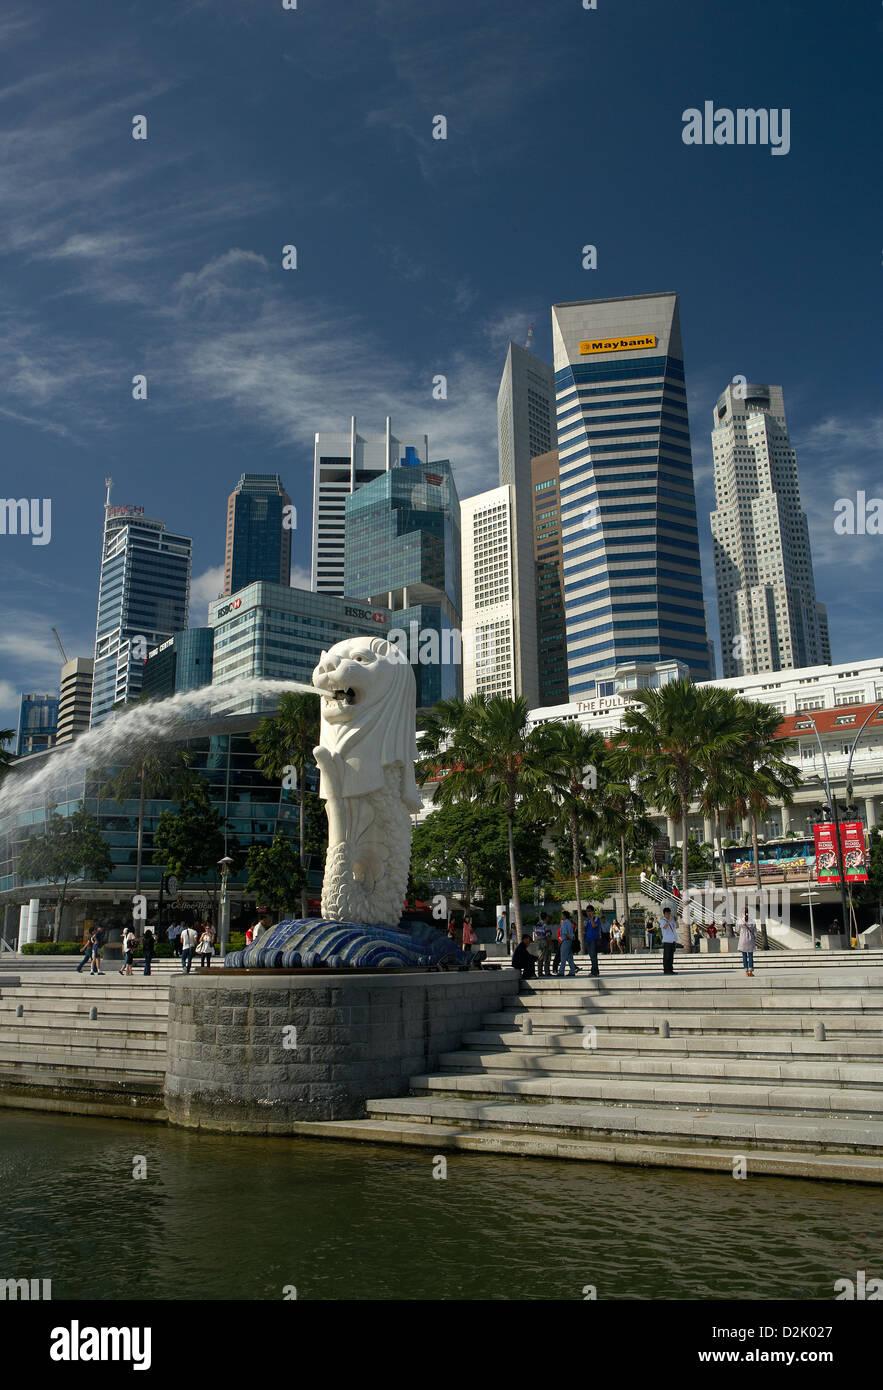 Singapur, Republik Singapur, Merlionfigur vorne auf die Skyline des Finanzzentrums Stockbild